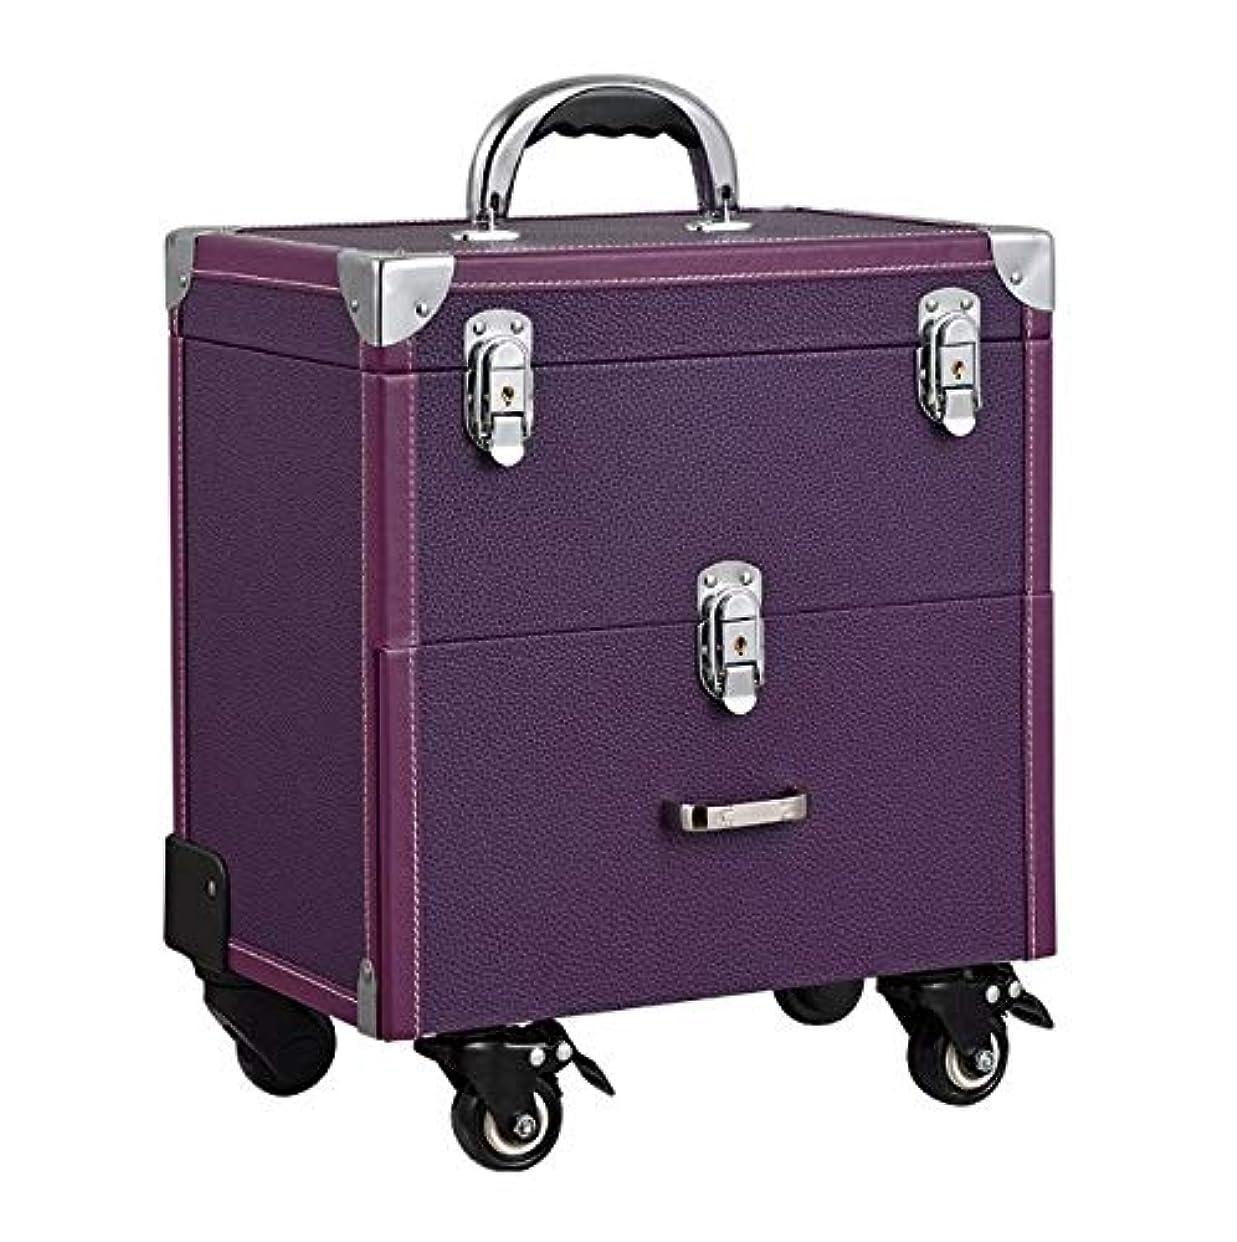 地震切断する通信する化粧箱、大容量ダブルポール化粧品ケース、ポータブル旅行化粧品袋収納袋、美容化粧ネイルジュエリー収納ボックス (Color : Purple)